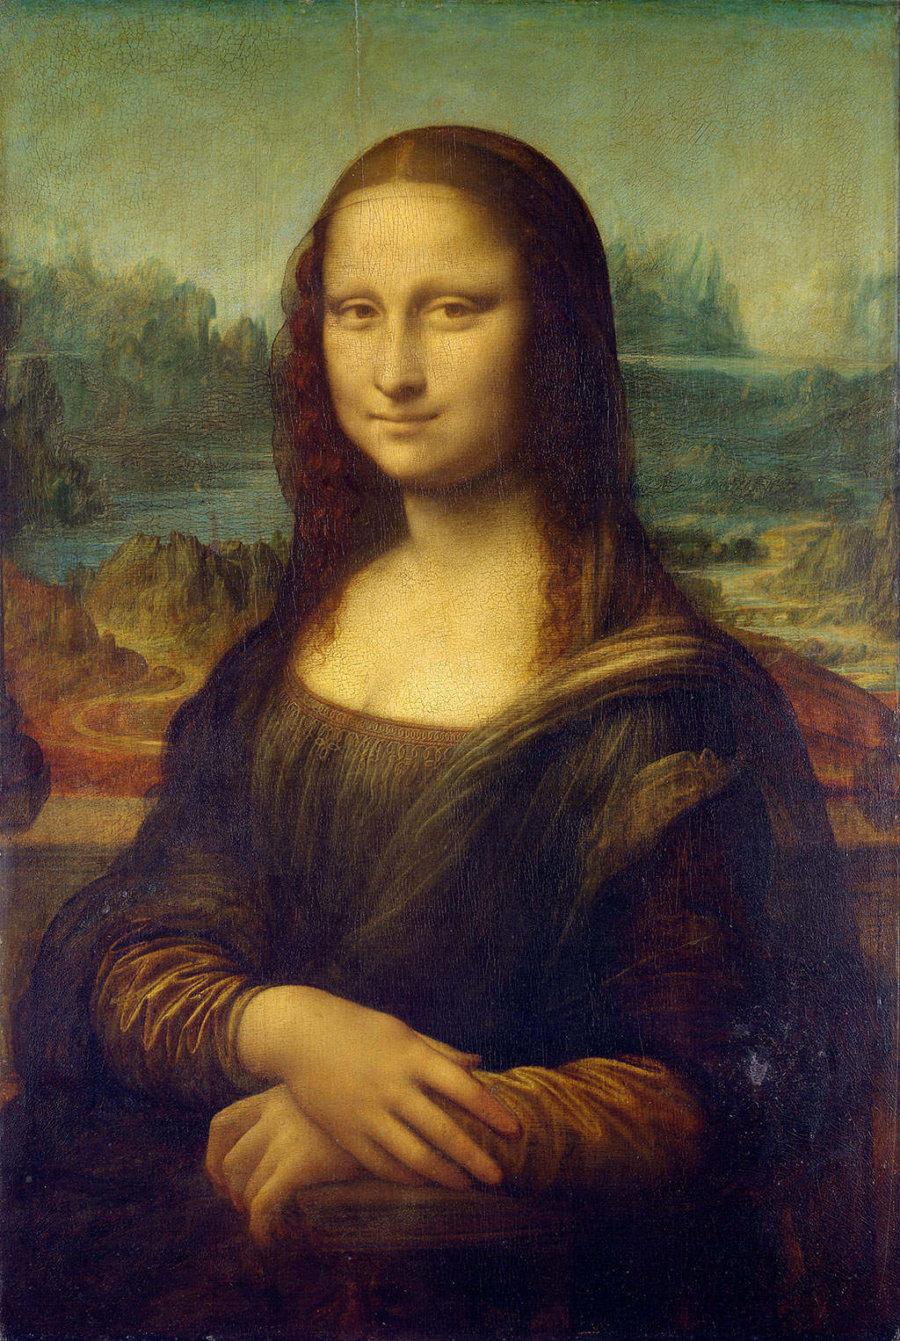 Fotografía de La Gioconda de Leonardo Da Vinci